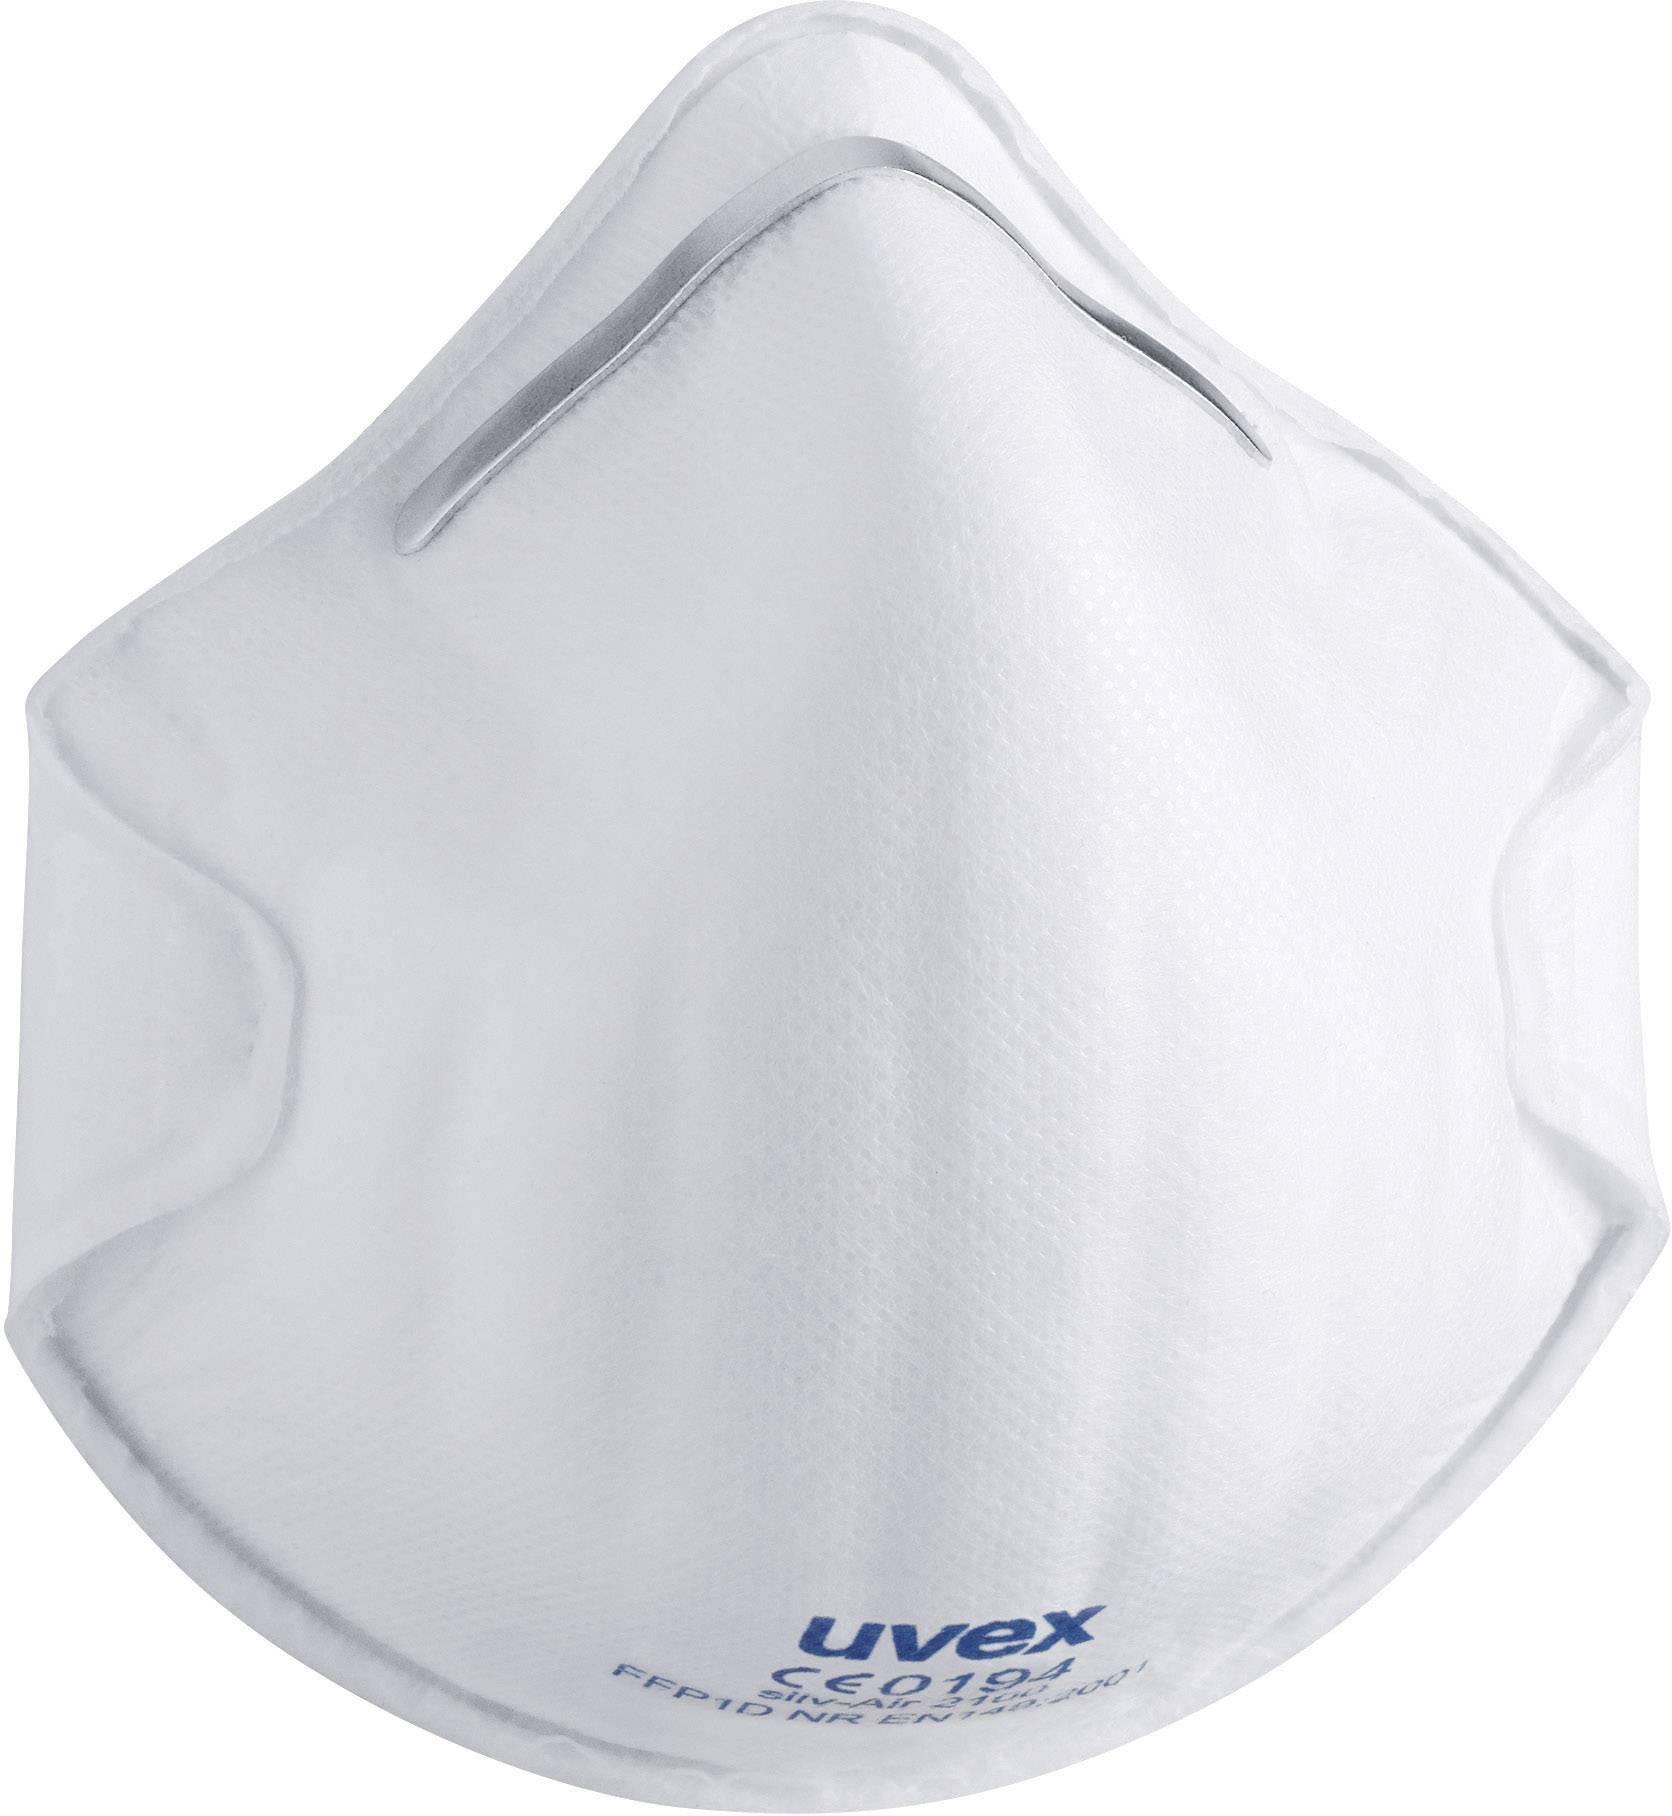 Respirátor proti jemnému prachu Uvex 8732100, 20 ks